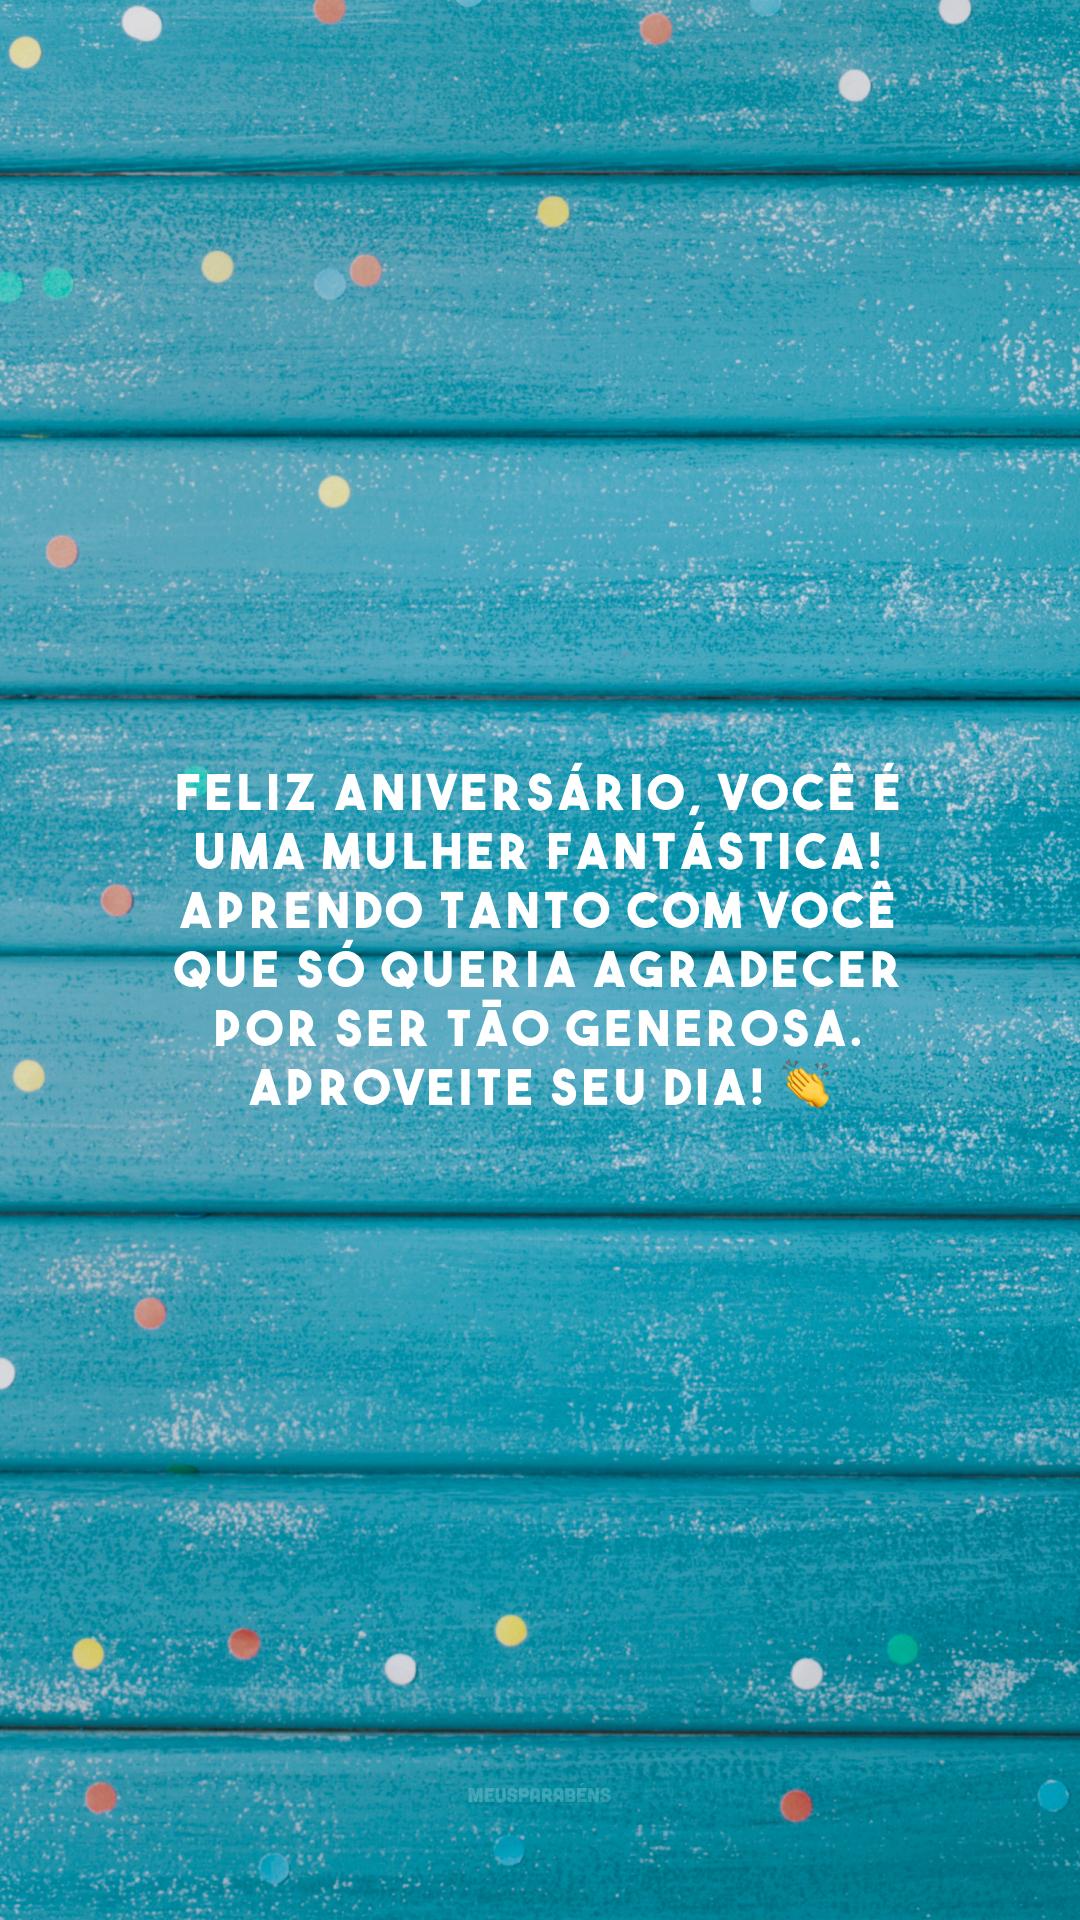 Feliz aniversário, você é uma mulher fantástica! Aprendo tanto com você que só queria agradecer por ser tão generosa. Aproveite seu dia! 👏